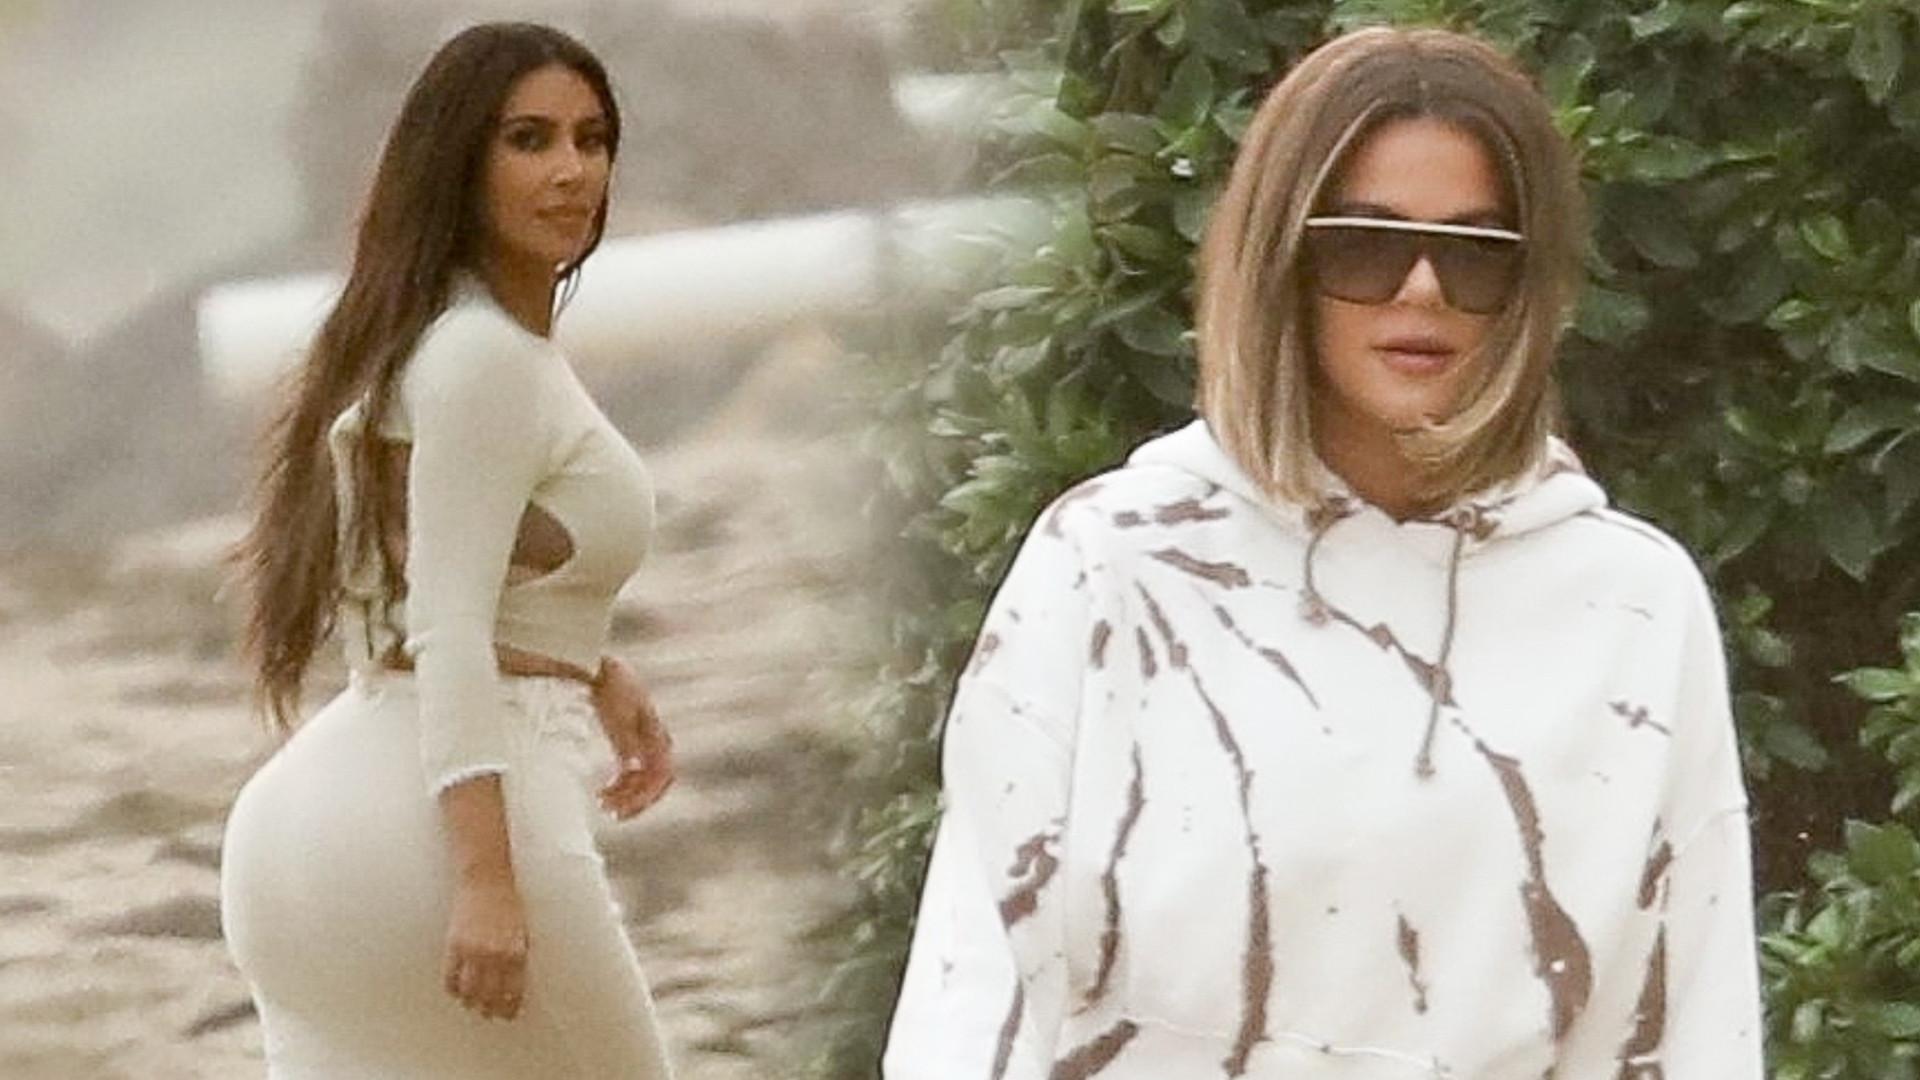 Kardashianki nagrywają OSTATNI sezon show – przybita Khloe i seksowna Kim (ZDJĘCIA)